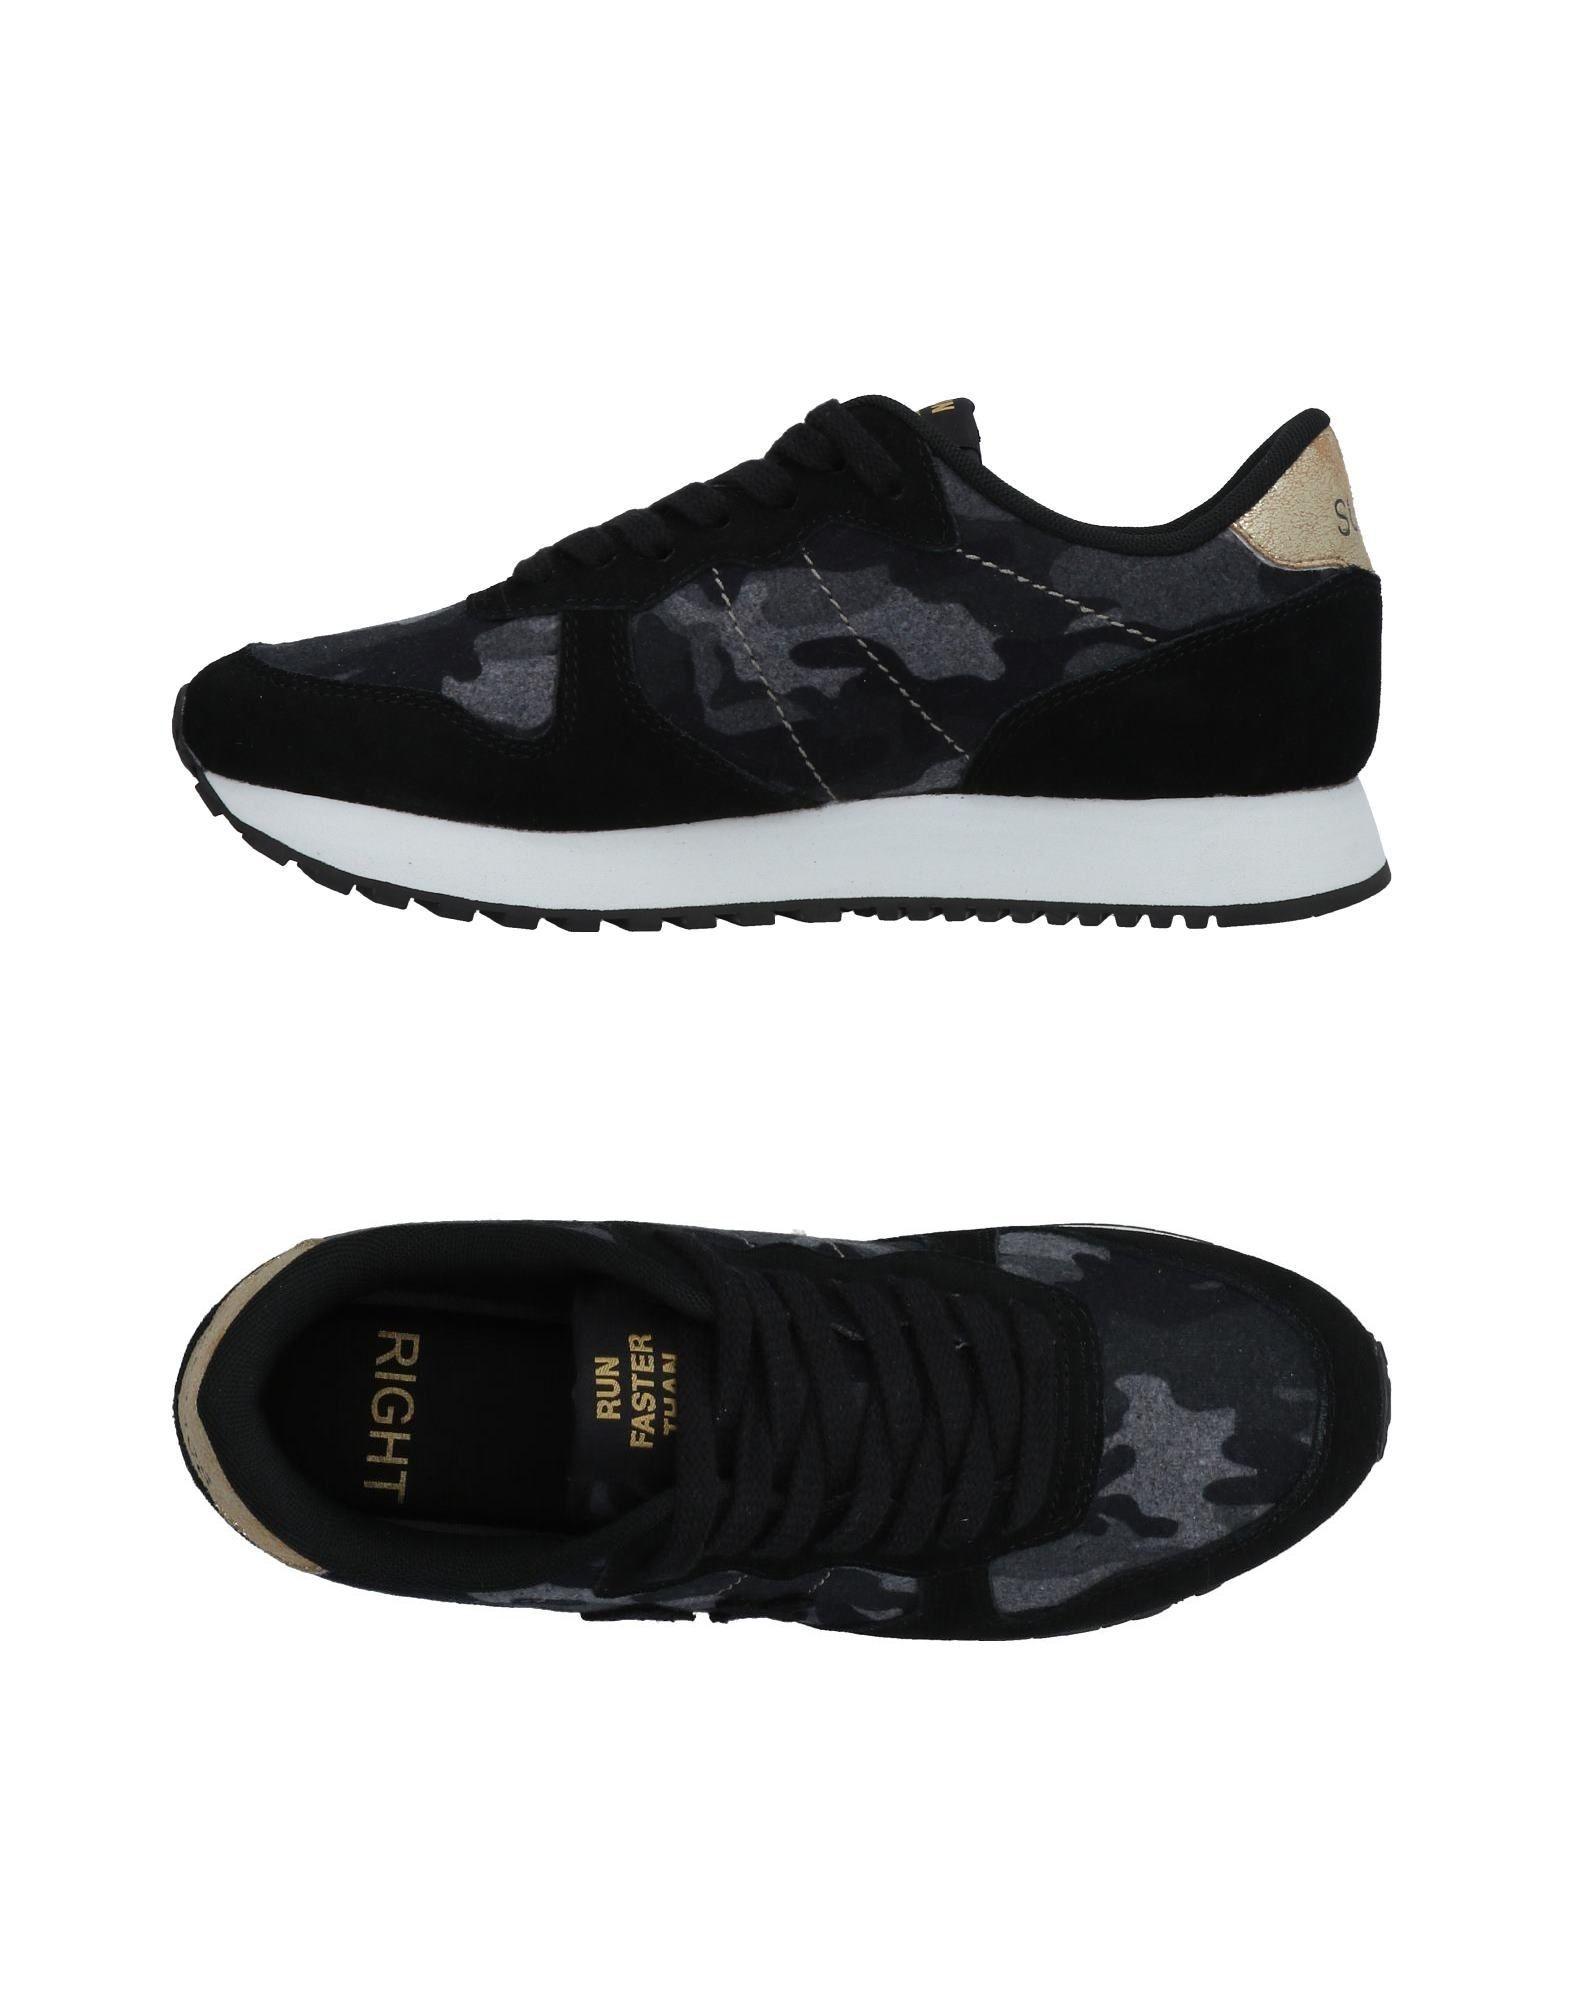 Sun Schuhe 68 Sneakers Damen  11488240CV Gute Qualität beliebte Schuhe Sun d17e7c